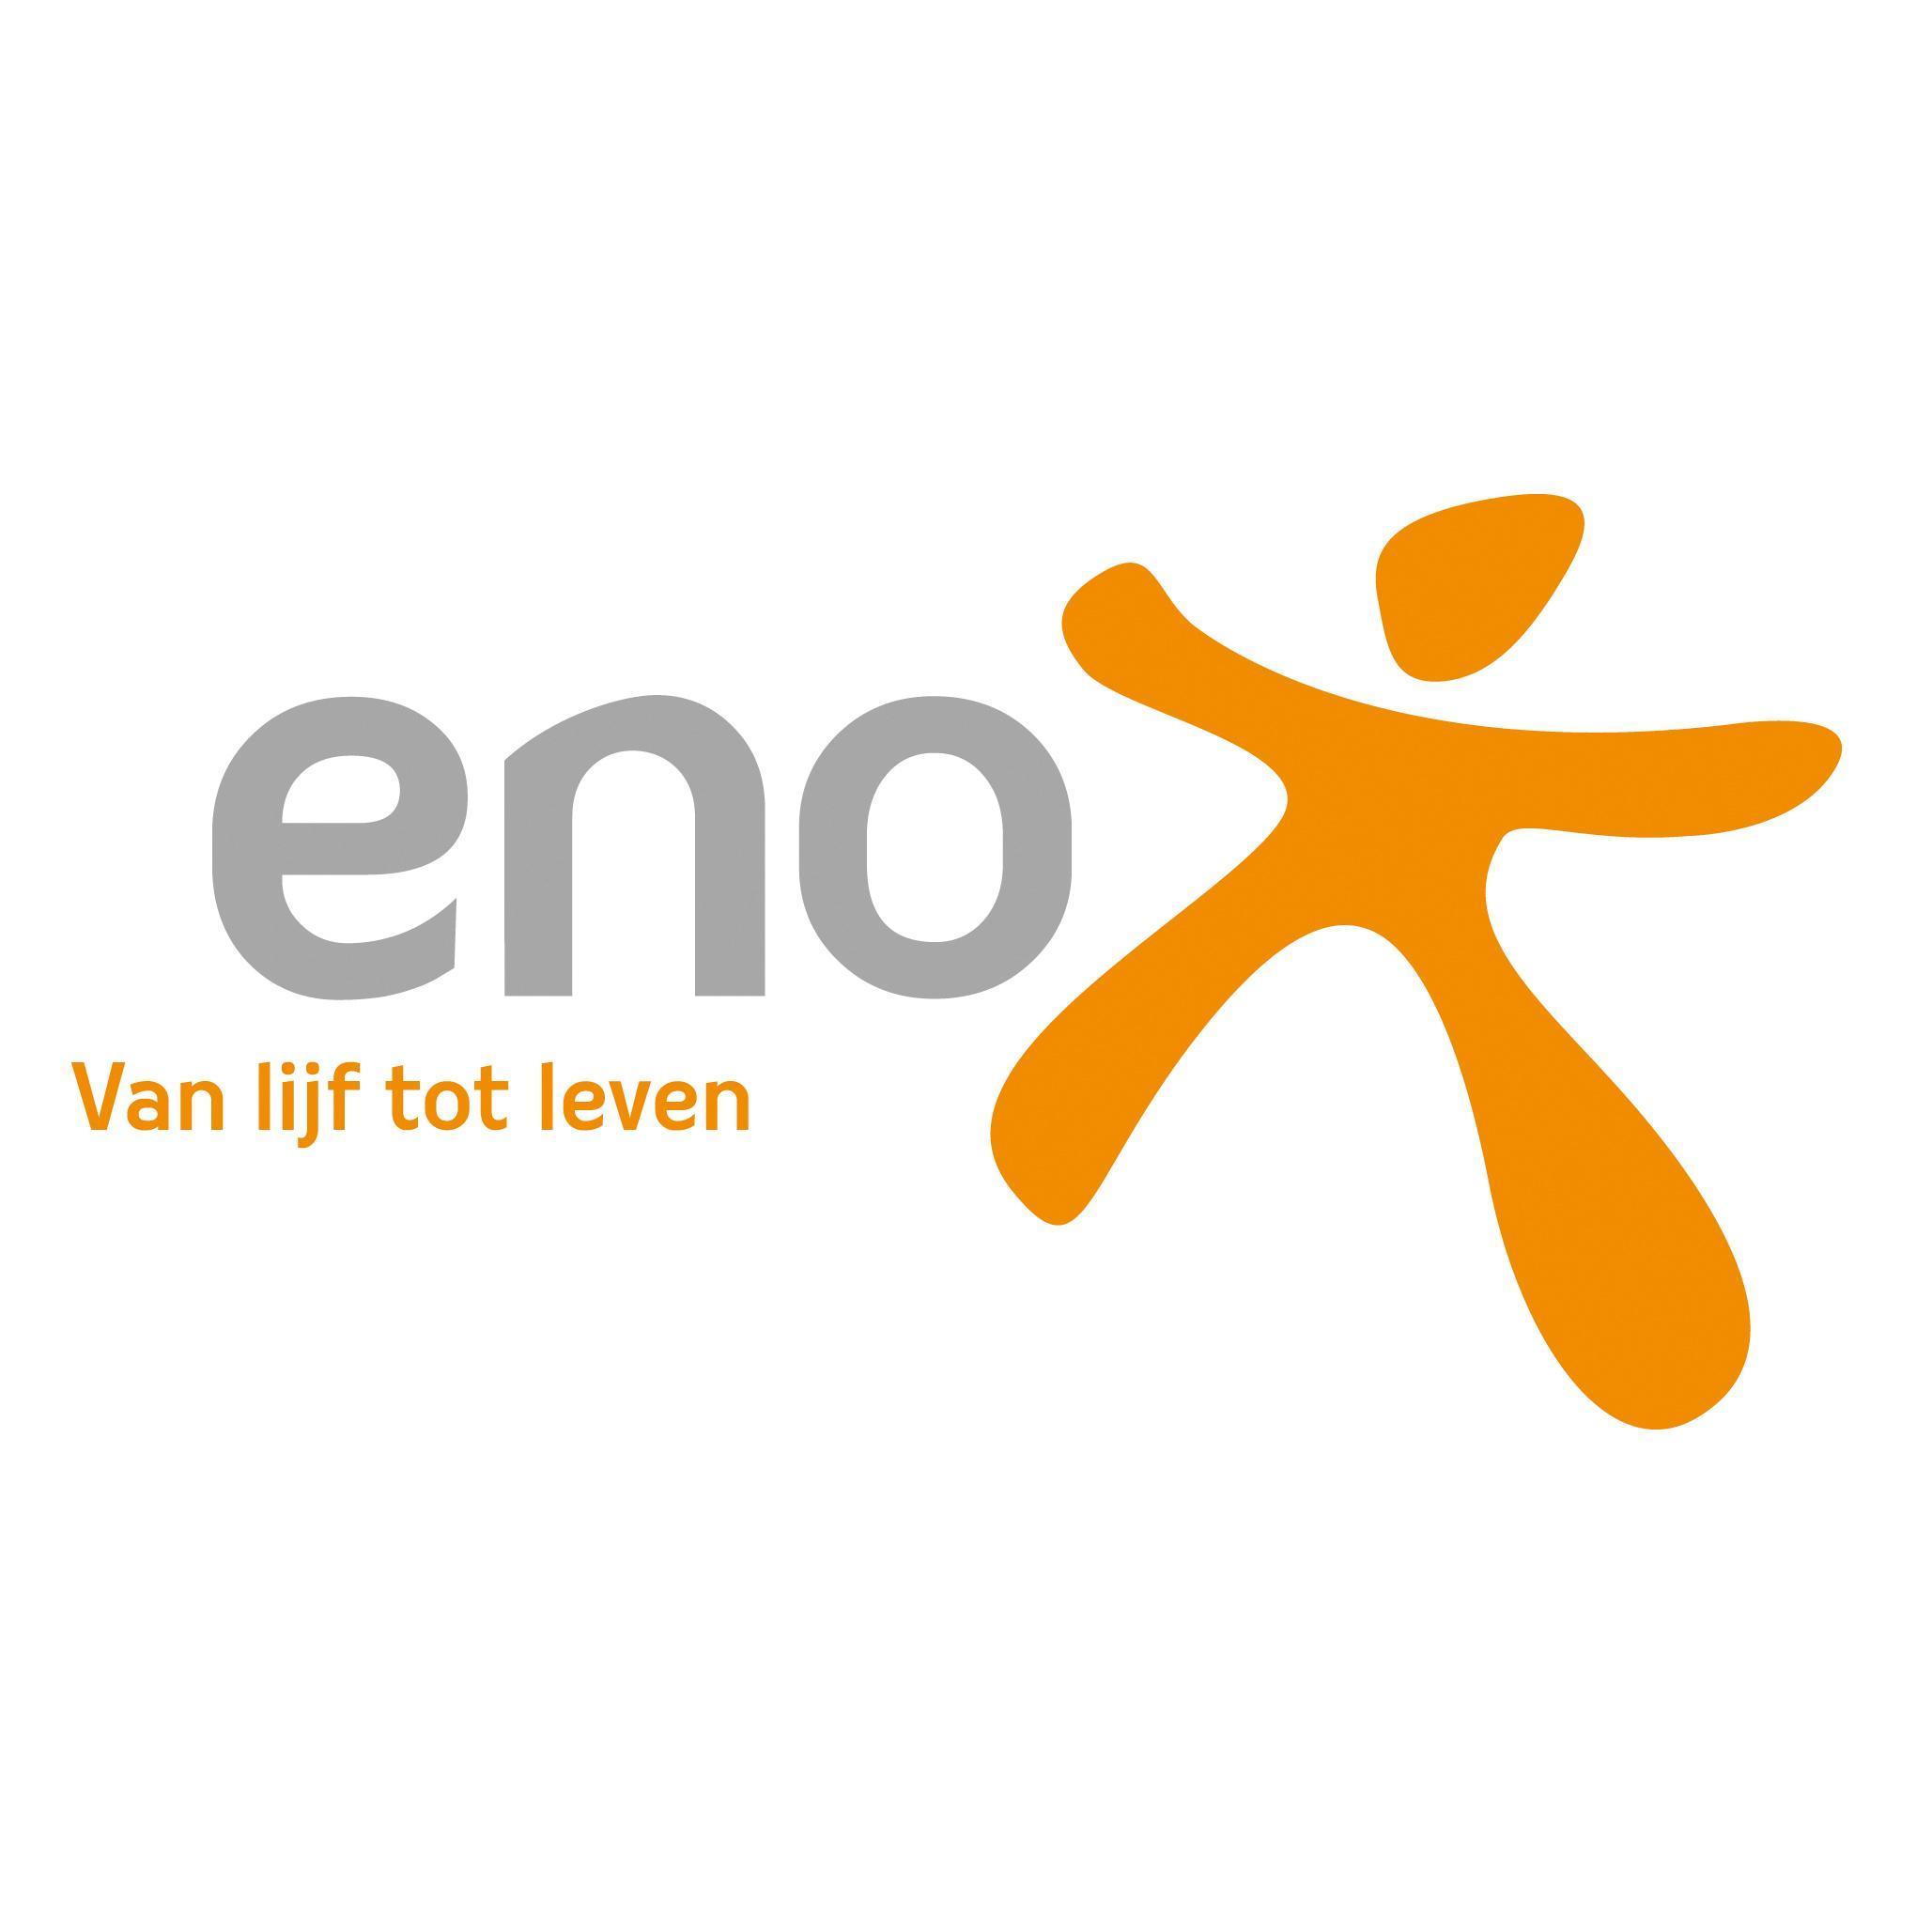 @Eno_corporate